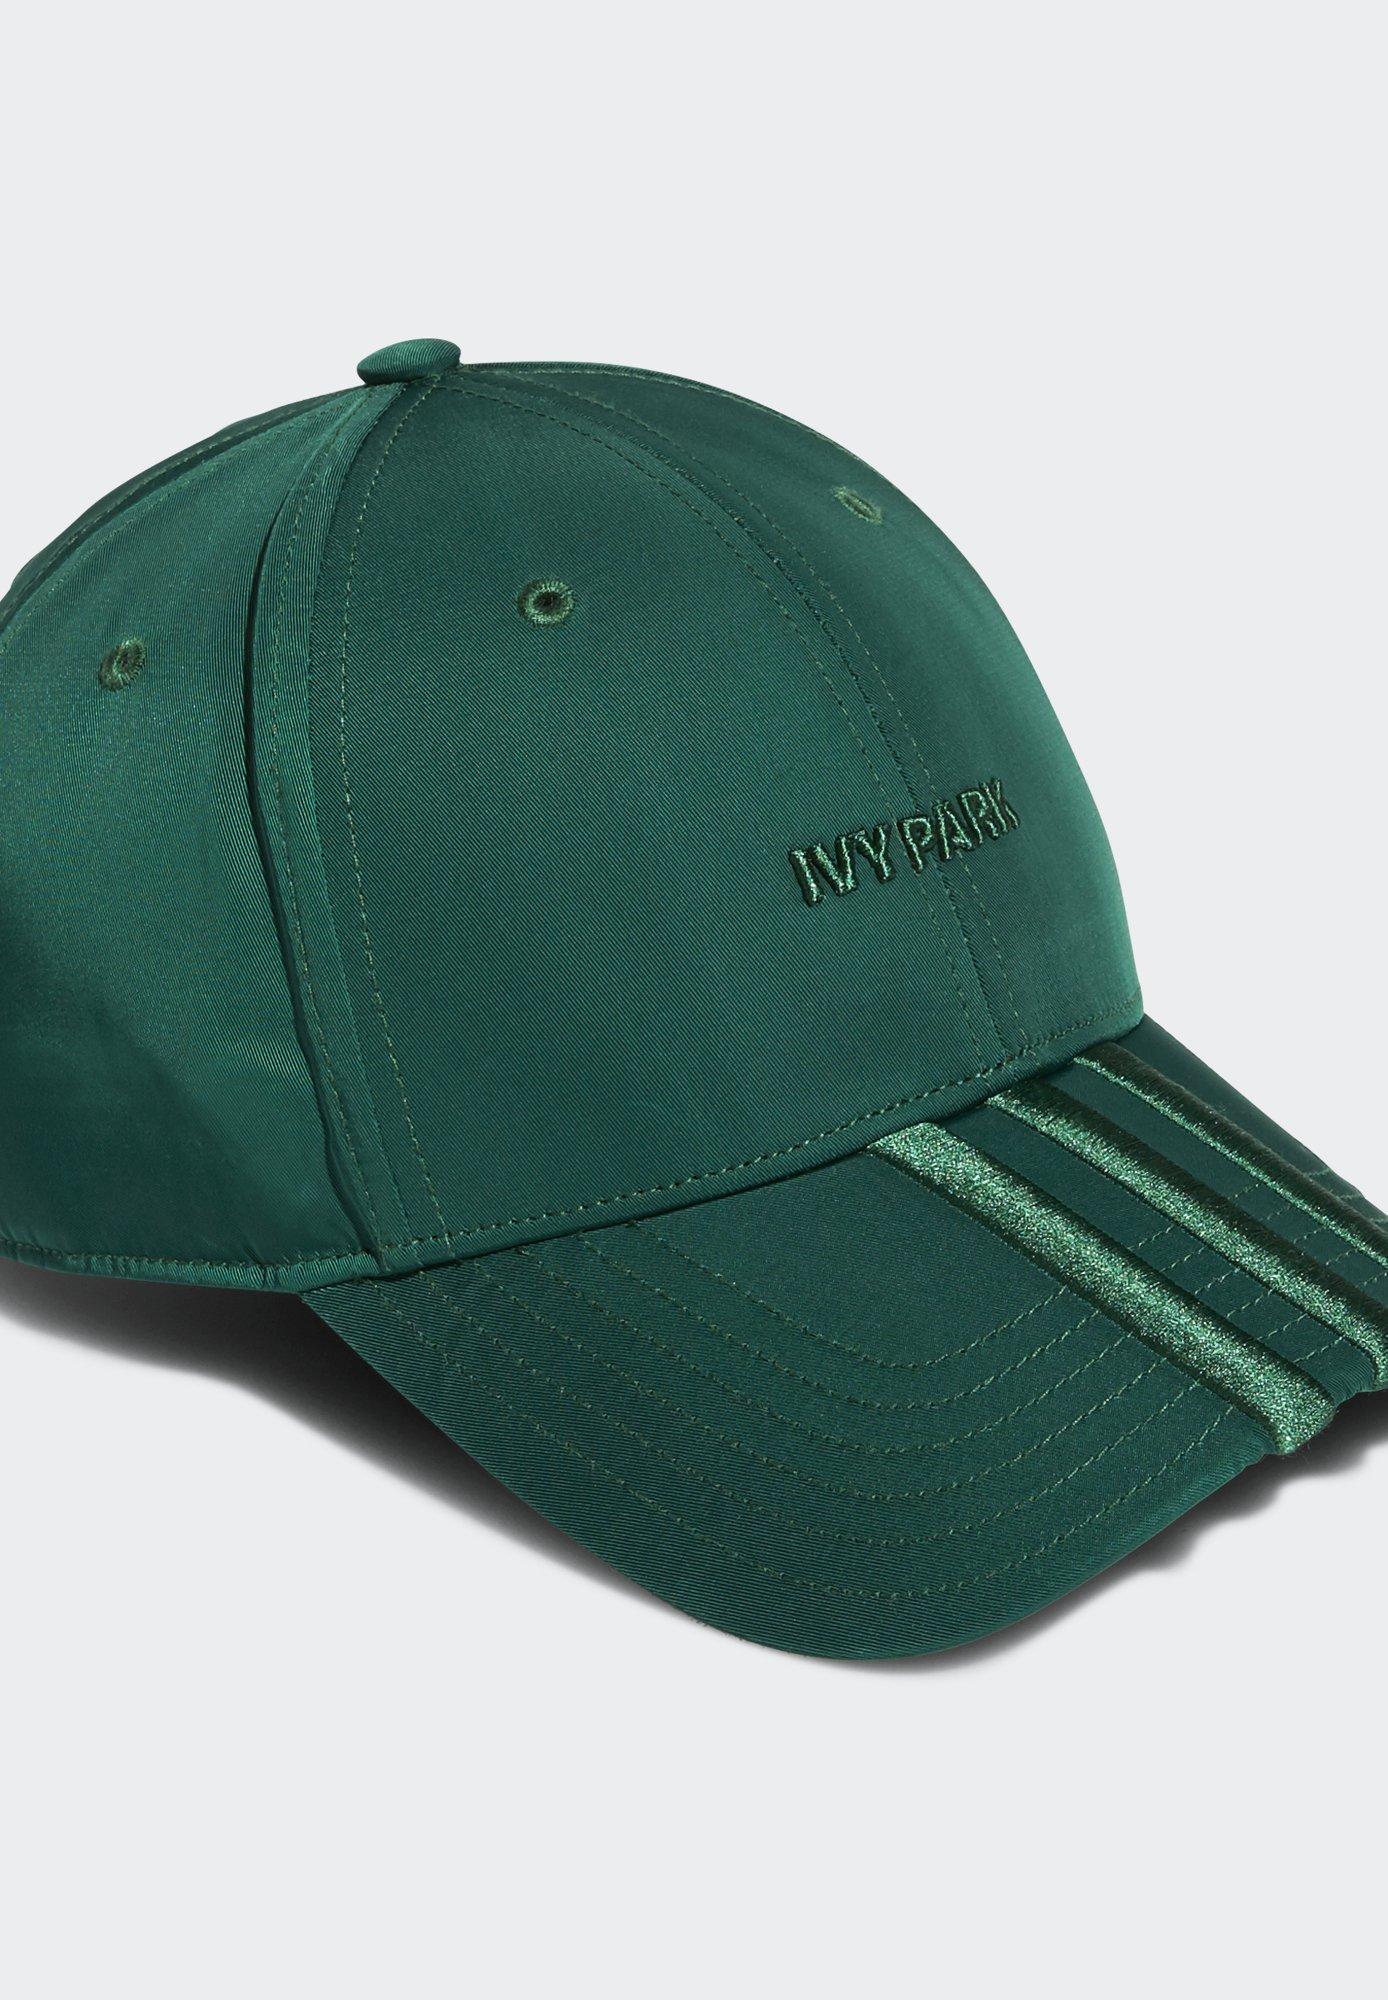 Adidas Originals Ivy Park Baseball - Cap Drkgrn/dunkelgrün